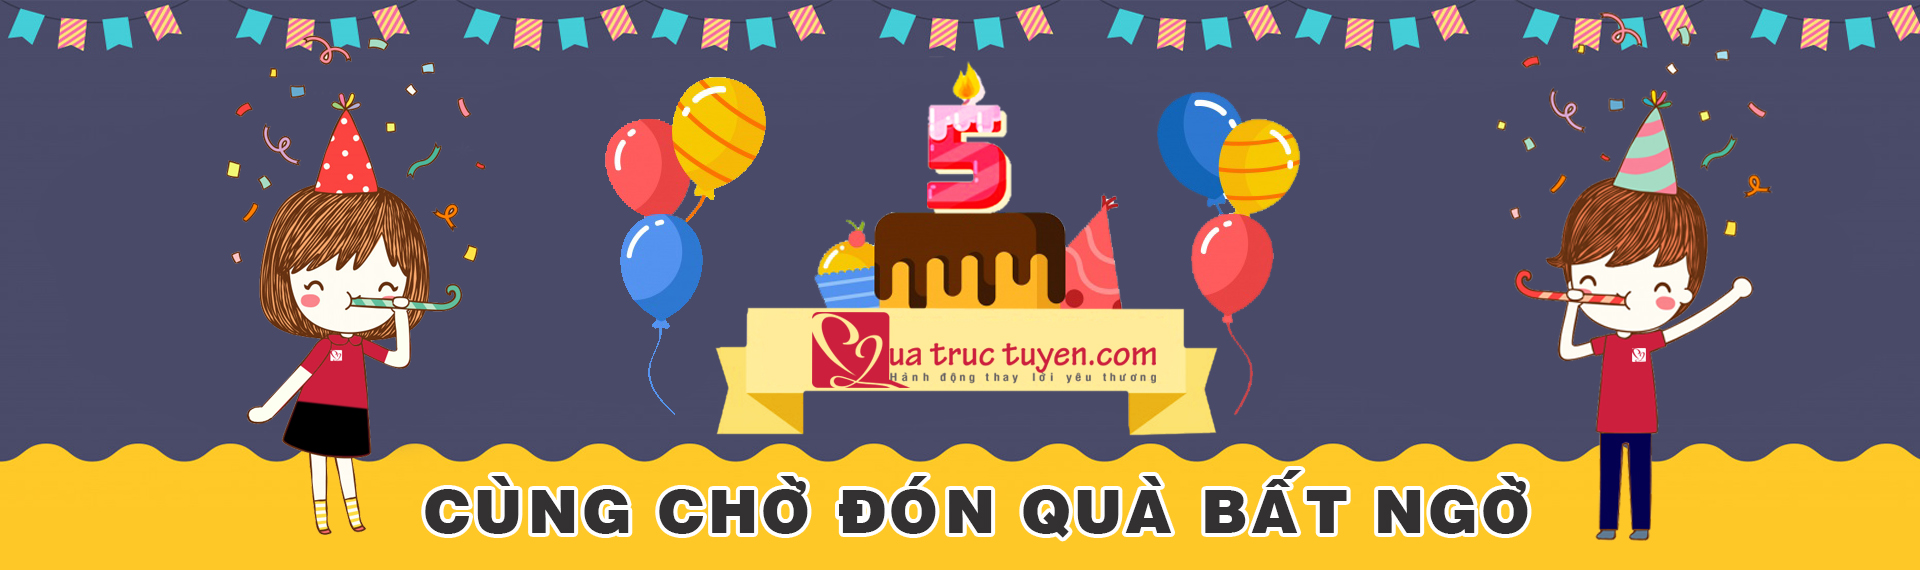 Mừng sinh nhật Quà trực tuyến